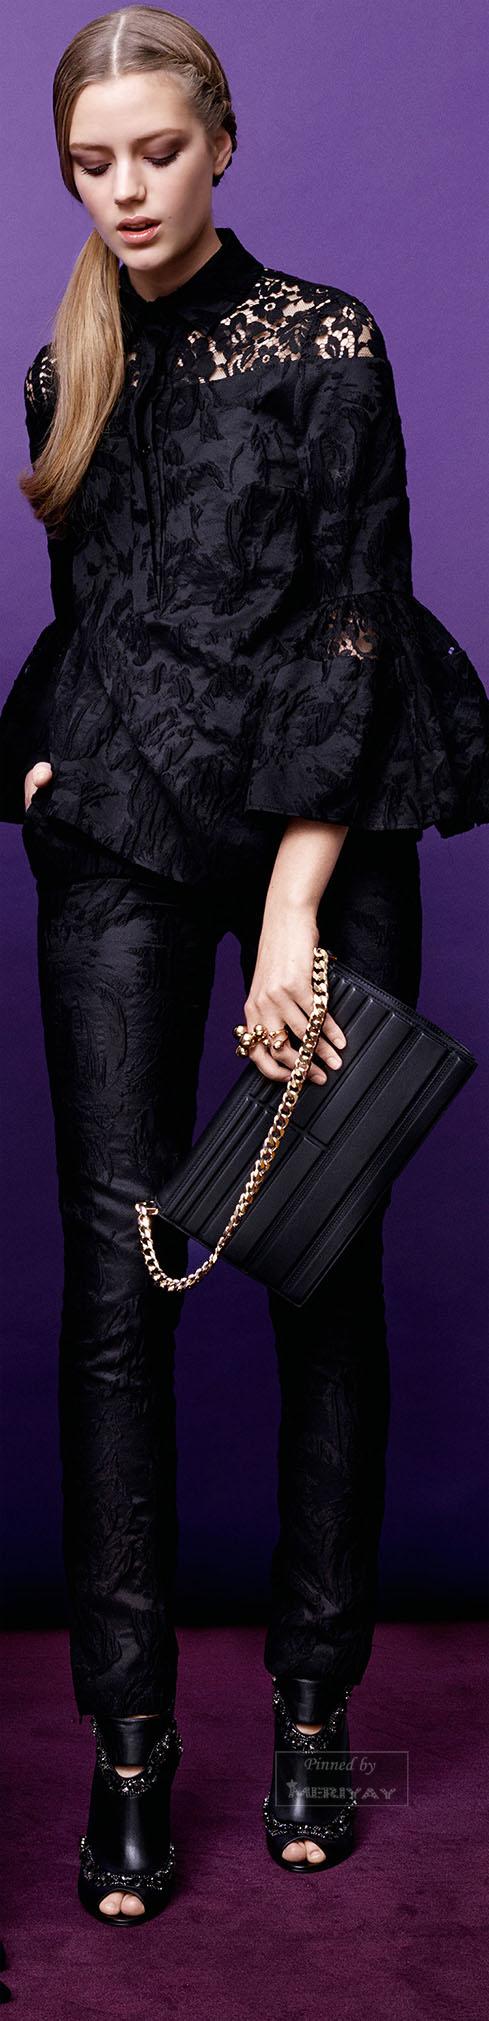 tenue noire chemisier dentelle pantalon en cuir motifs chaussures talons avec des clous. Black Bedroom Furniture Sets. Home Design Ideas